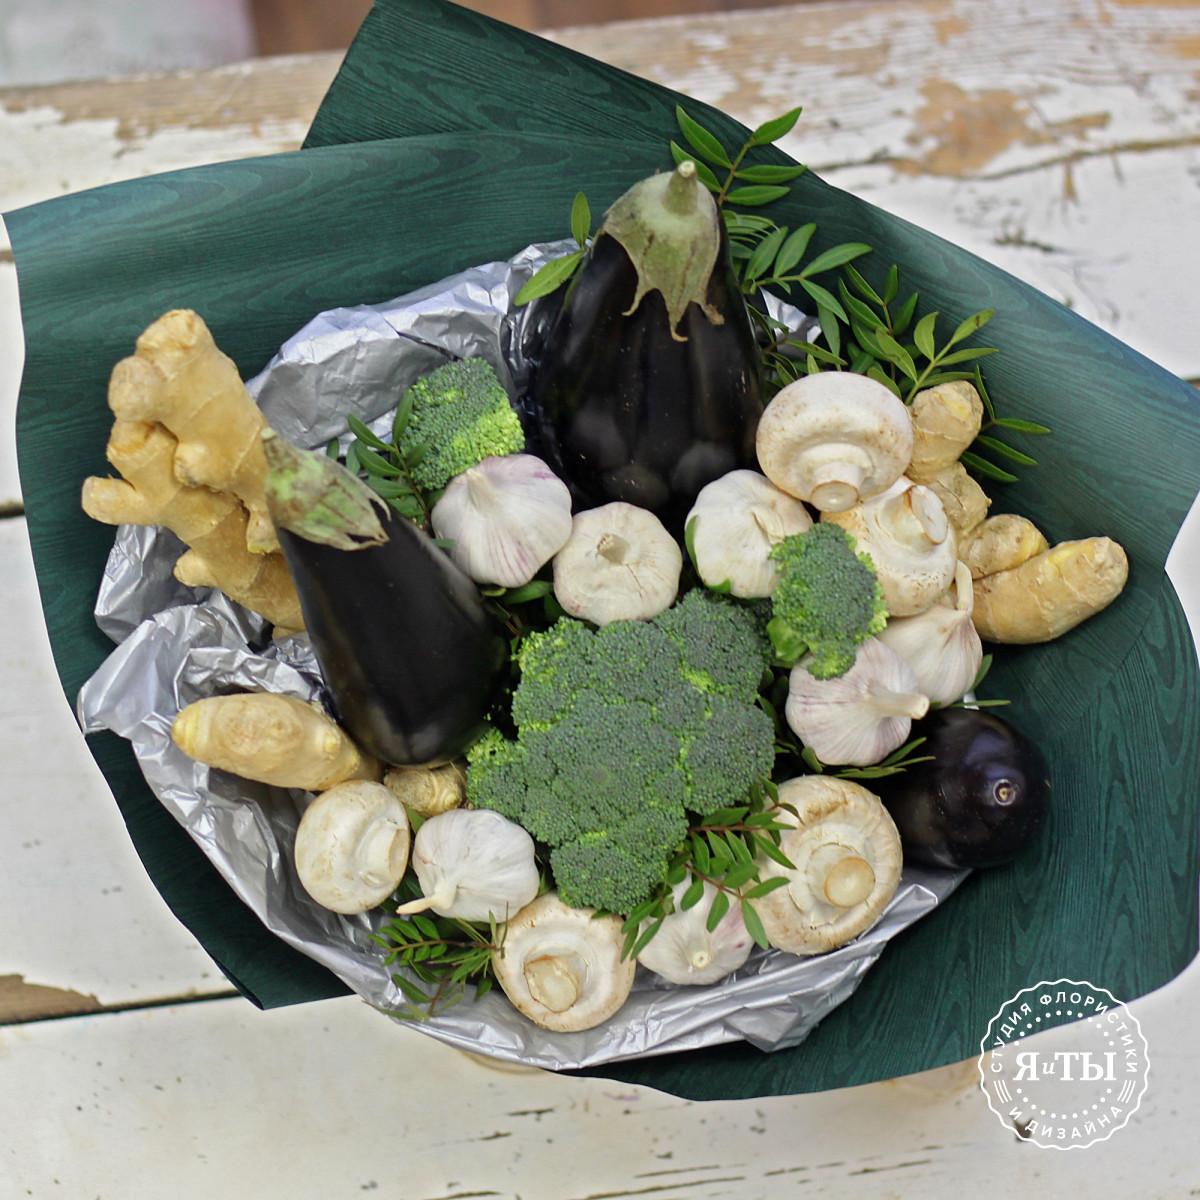 Овощной букет с баклажанами и имбирем